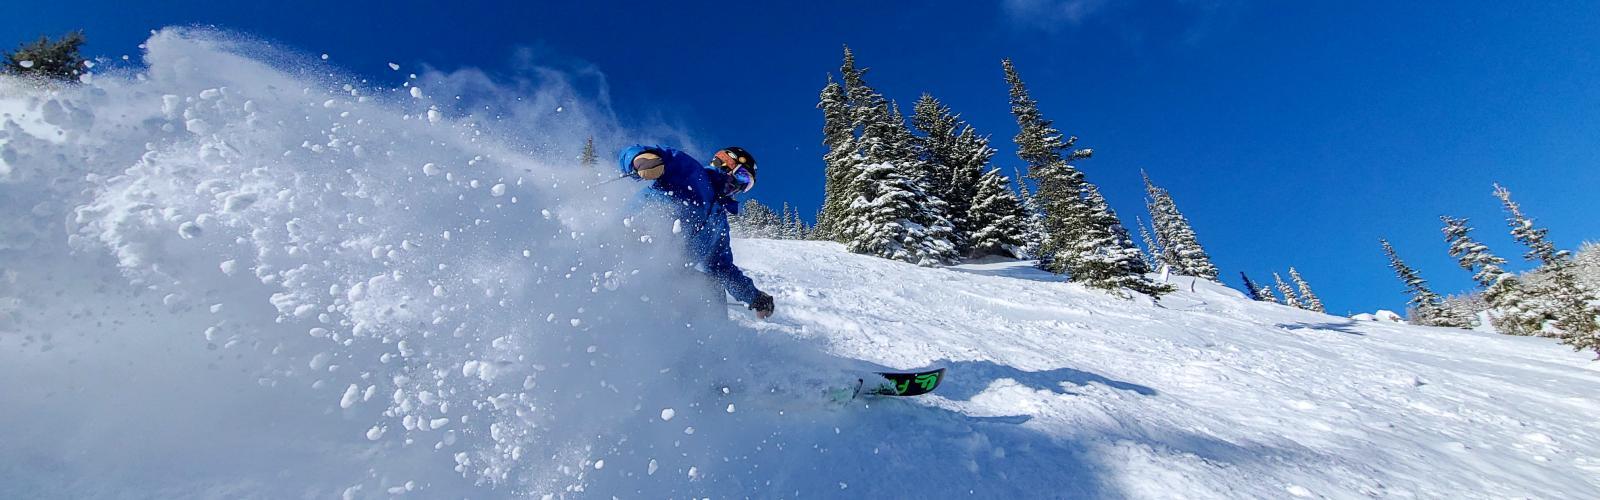 skier making a powder turn on a bluebird day